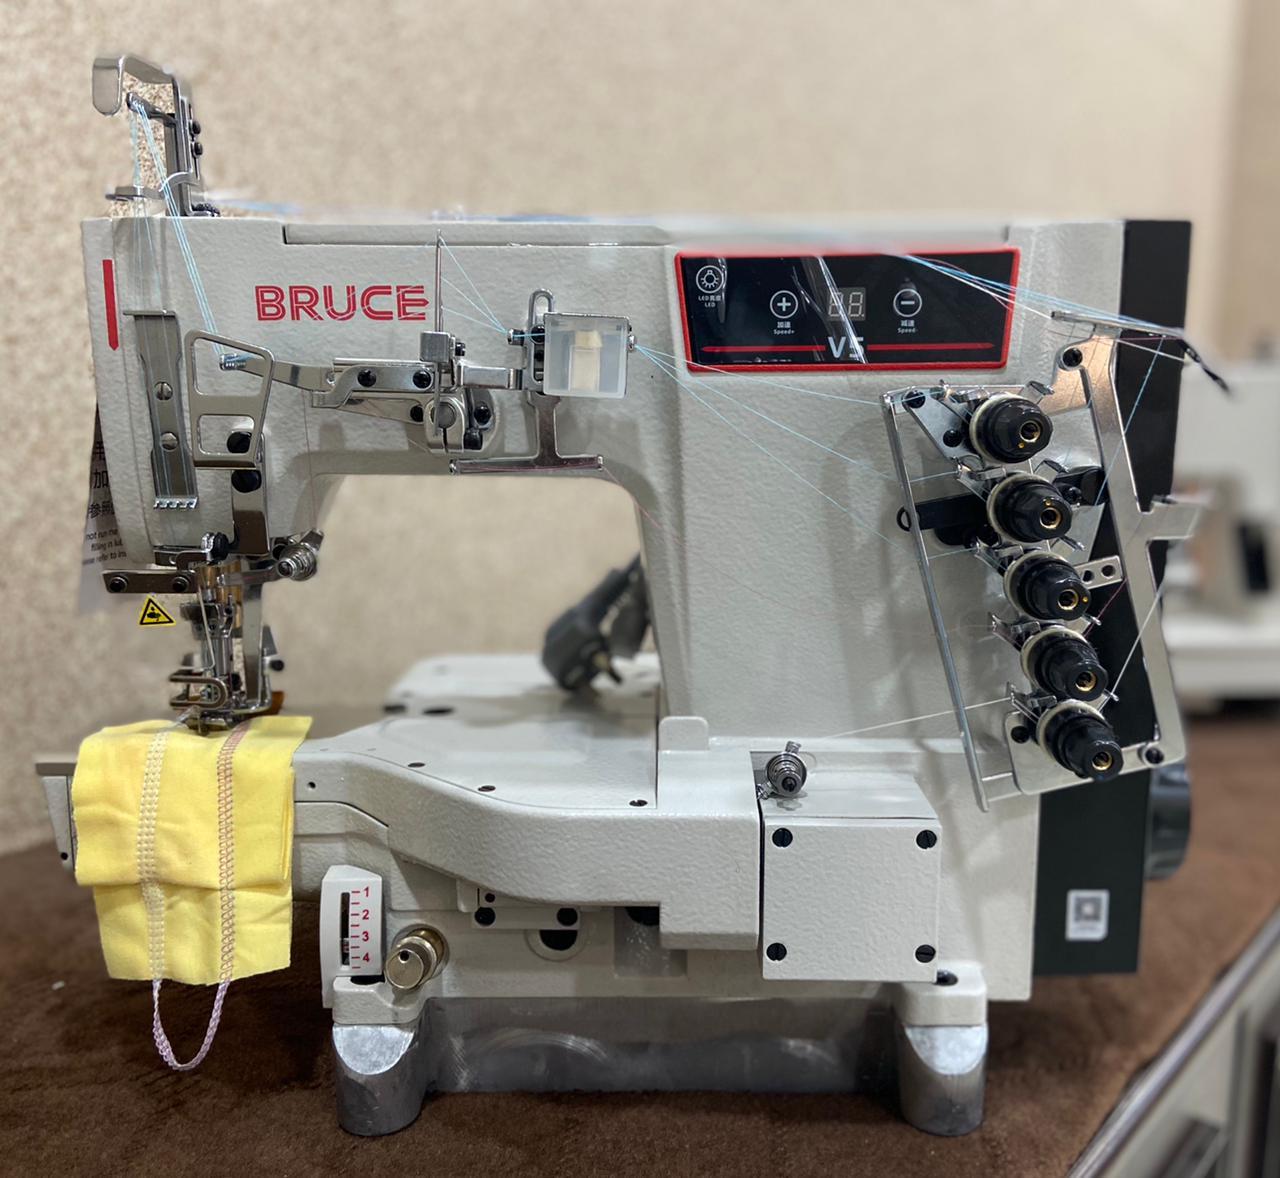 Bruce V5 Cylinder bed Interlock Direct Drive